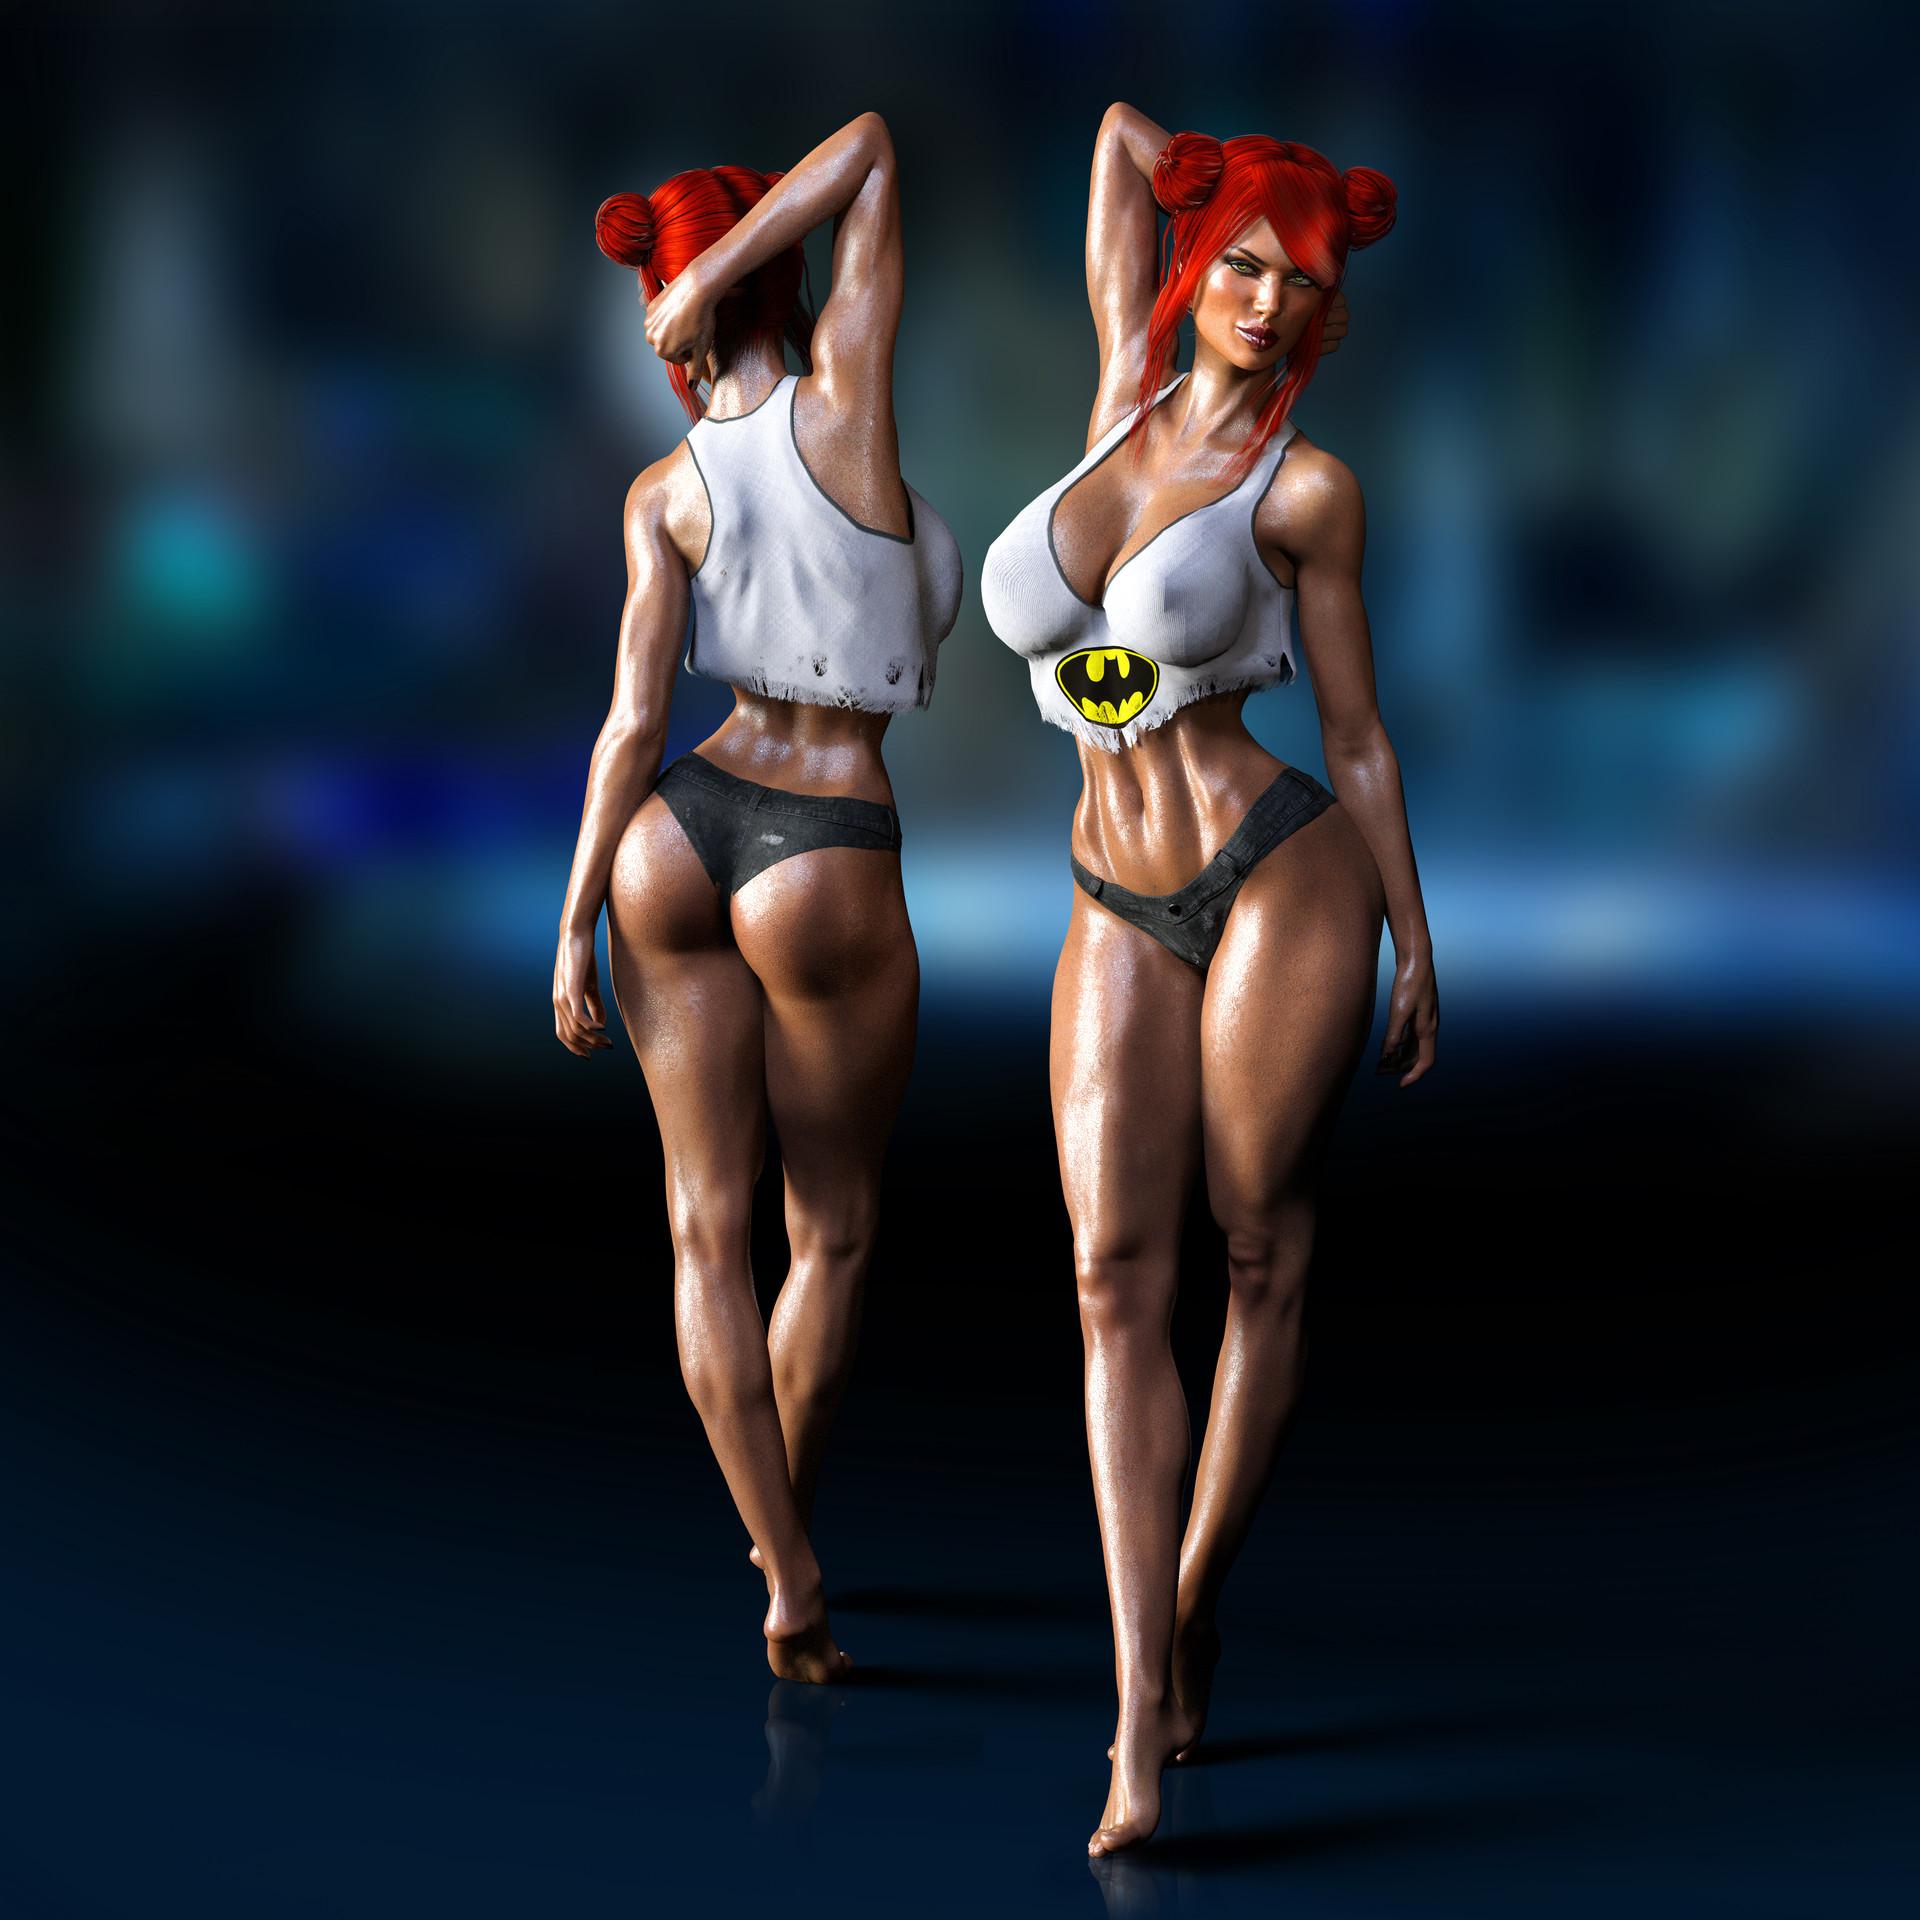 ArtStation - Barbara Gordon • After training, RollerCoaster